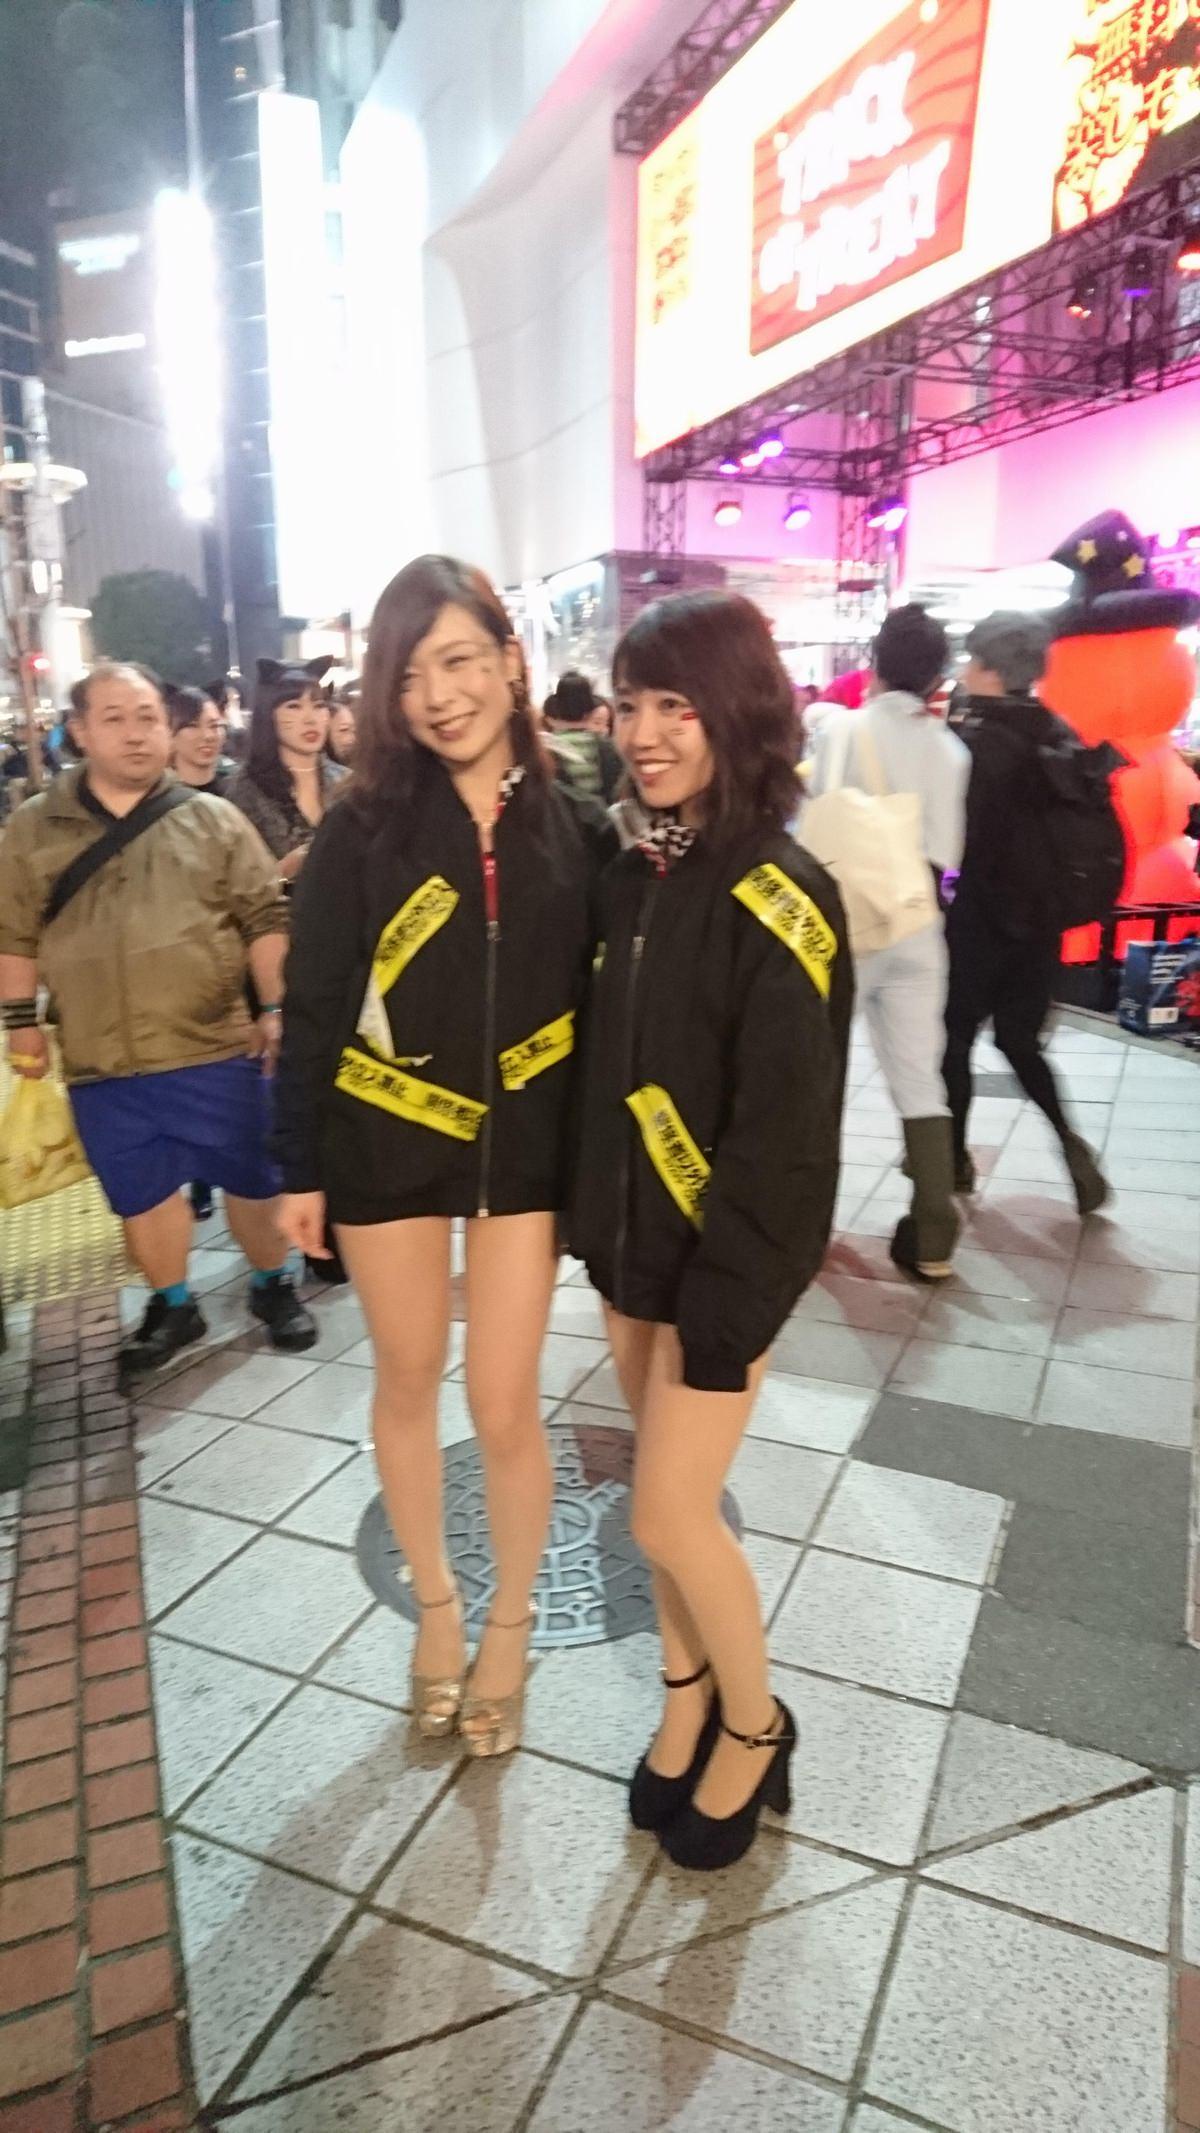 2ちゃんから集めた2016年渋谷のハロウィンコスプレ画像wwww 0155